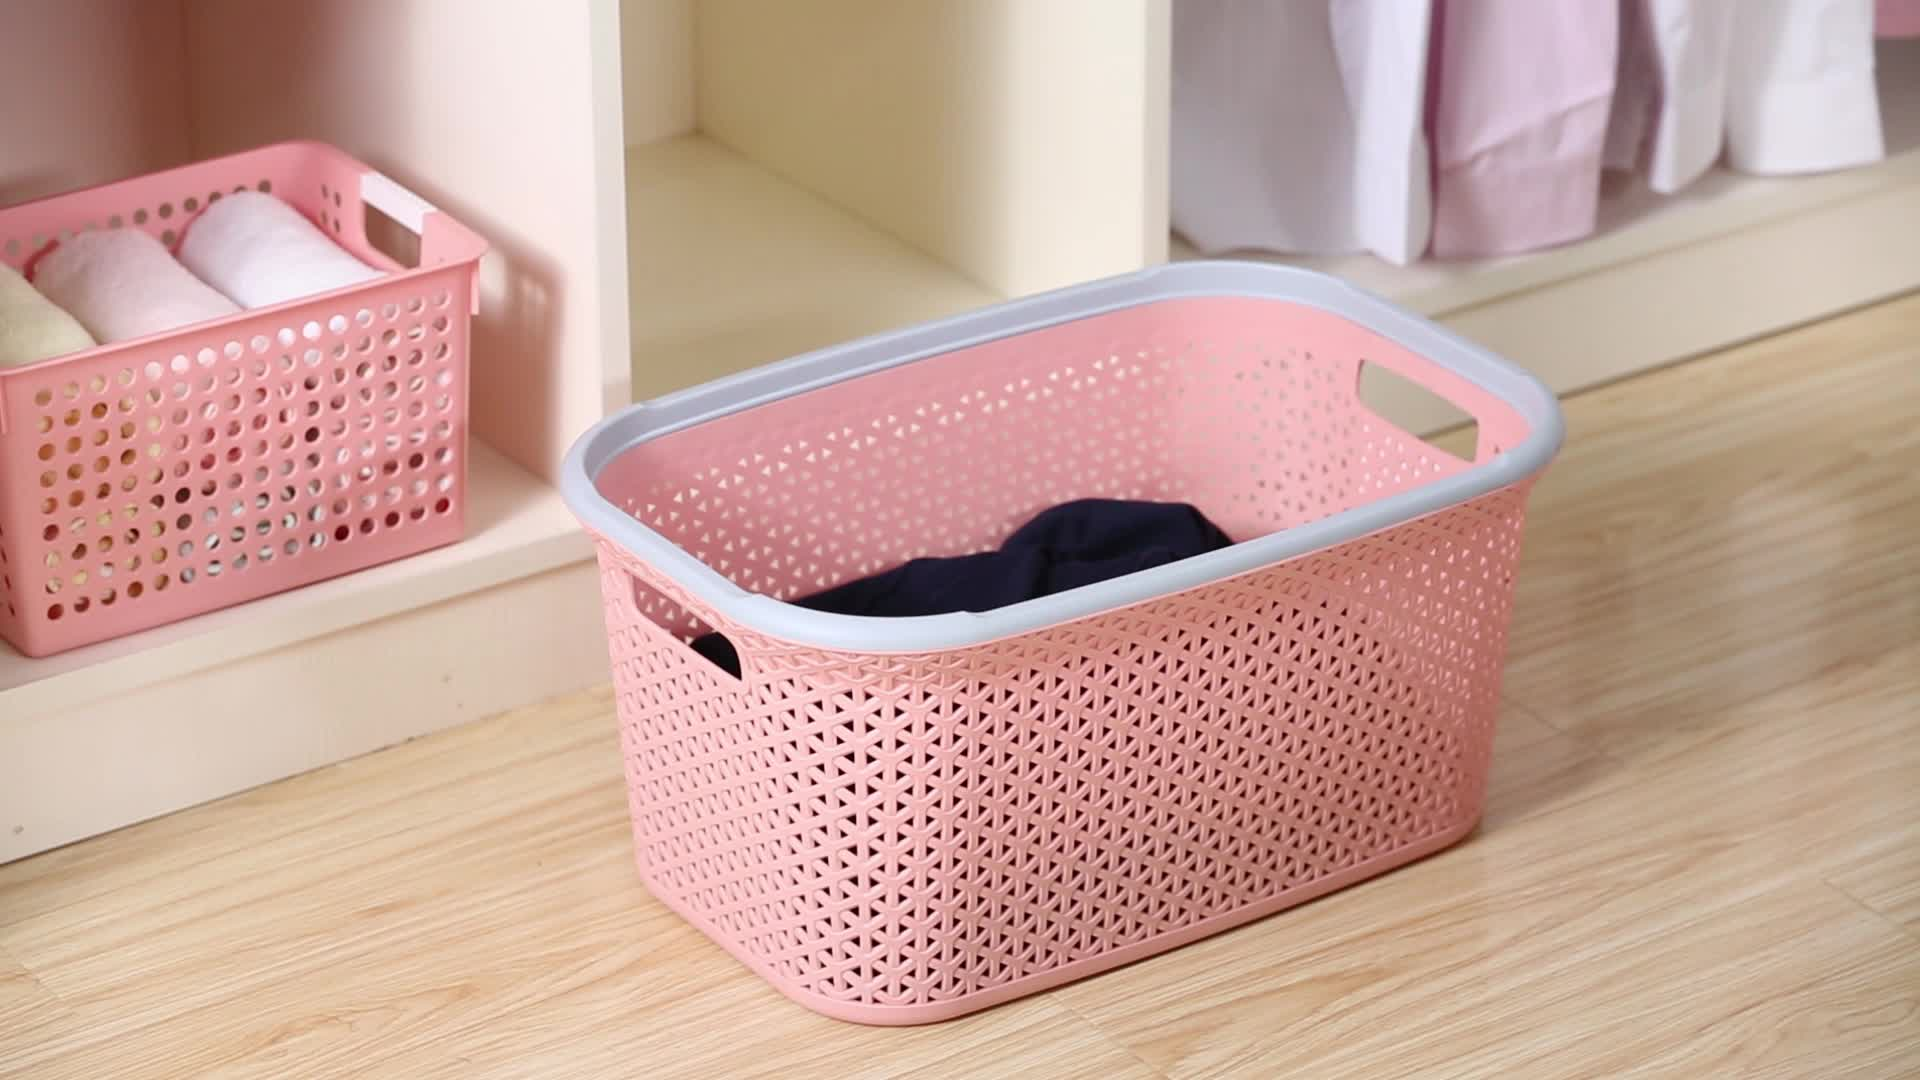 En gros personnalisé vêtements bacs de recyclage de lavage en plastique panier PP panier à linge pour enfants